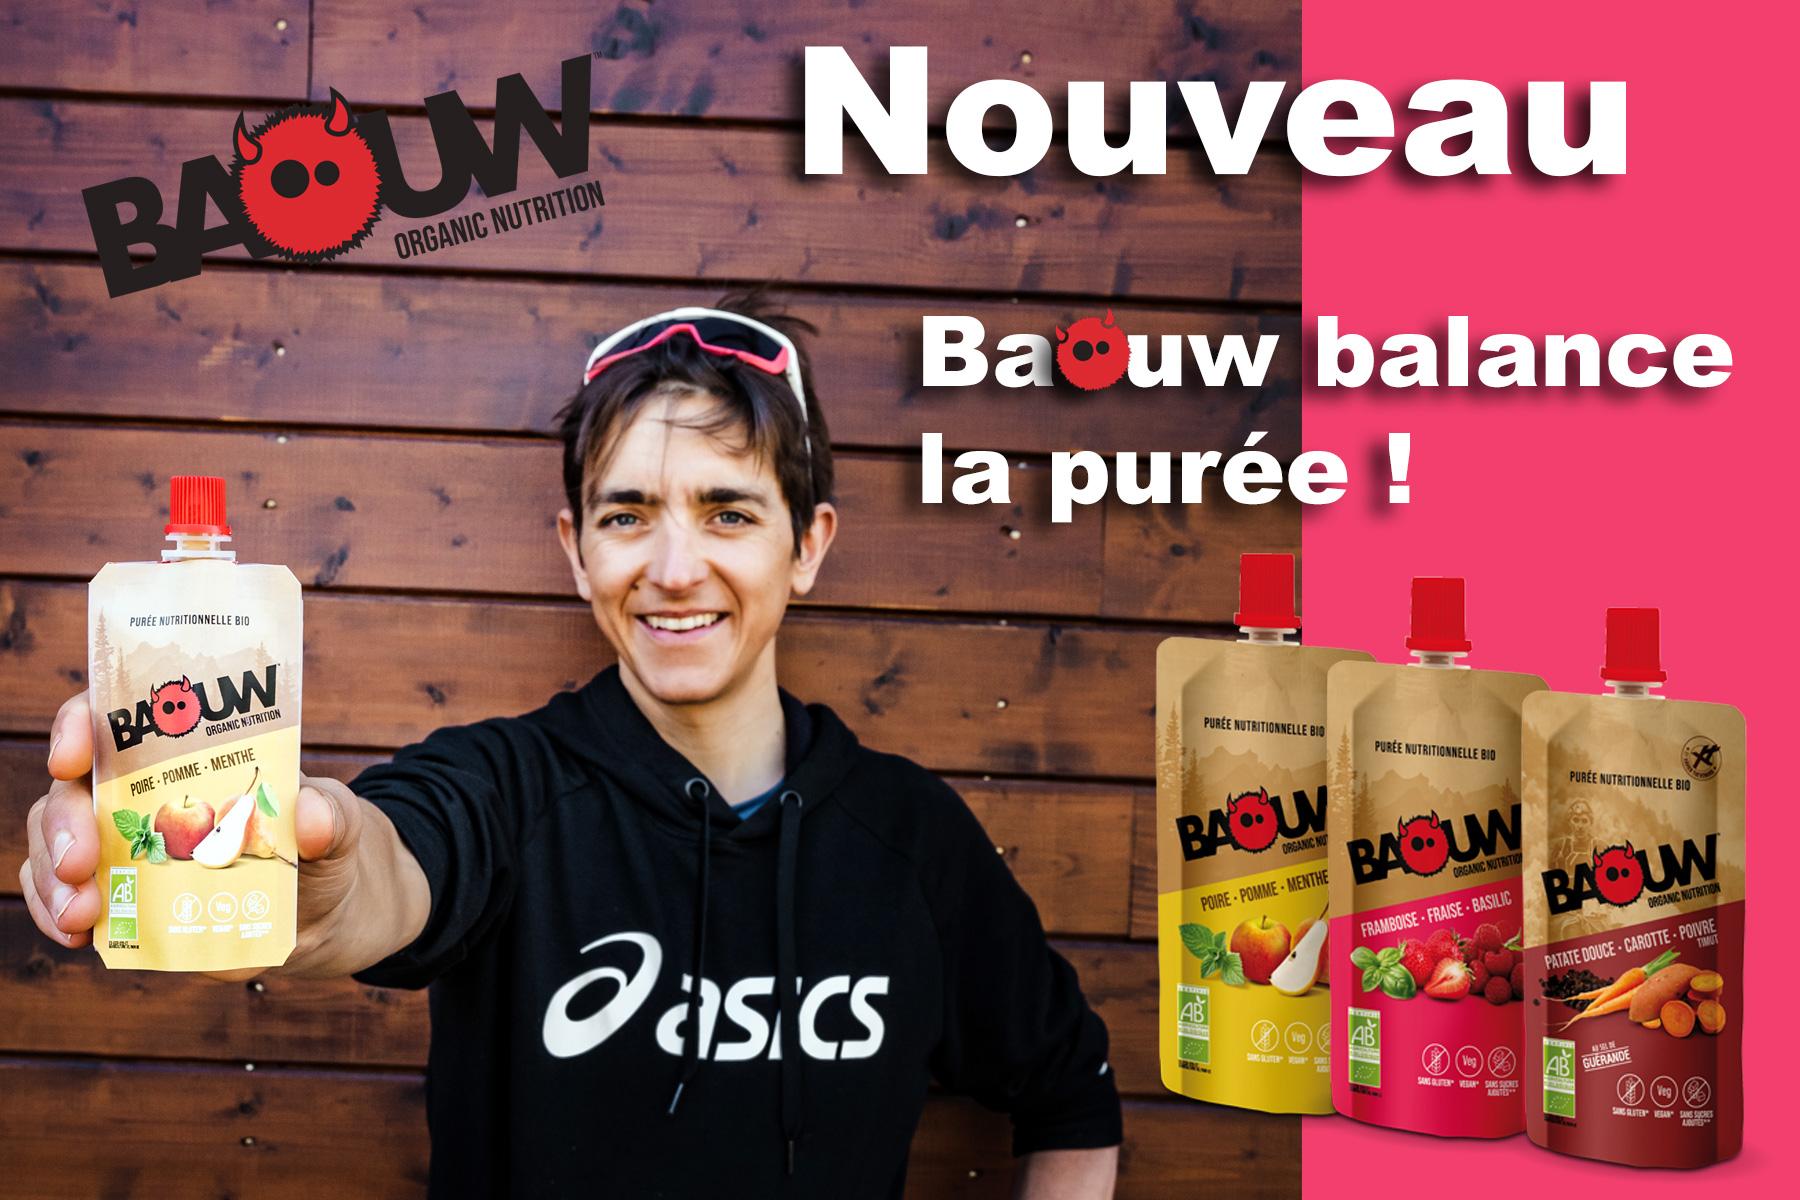 BAOUW BALANCE LA PURÉE !